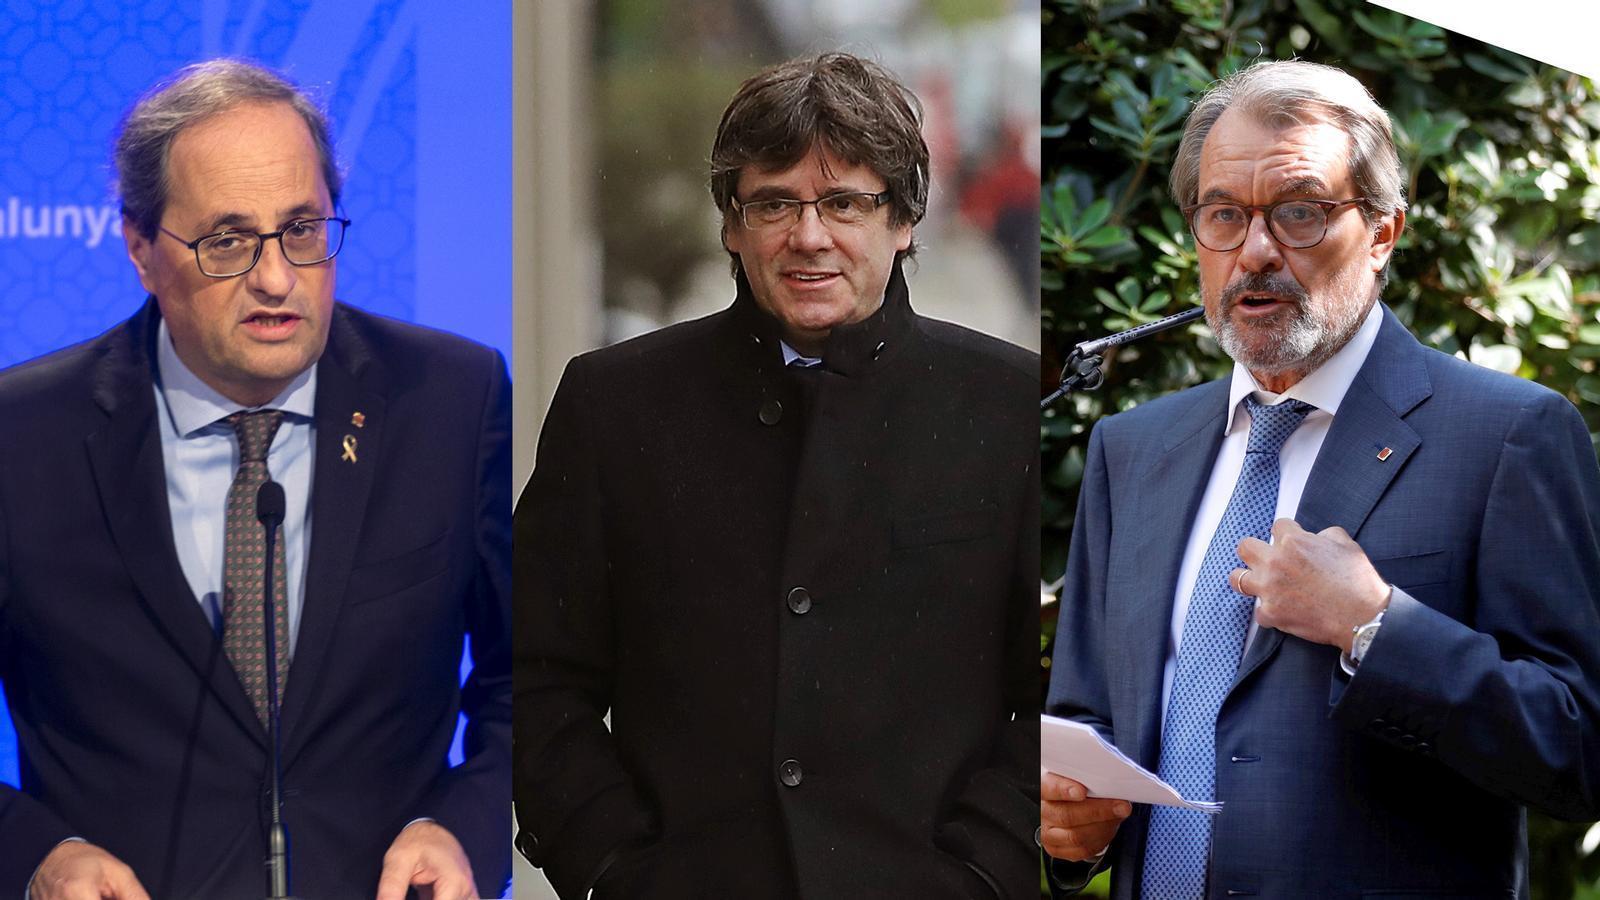 Roda de premsa de Puigdemont, Torra i Mas a Perpinyà